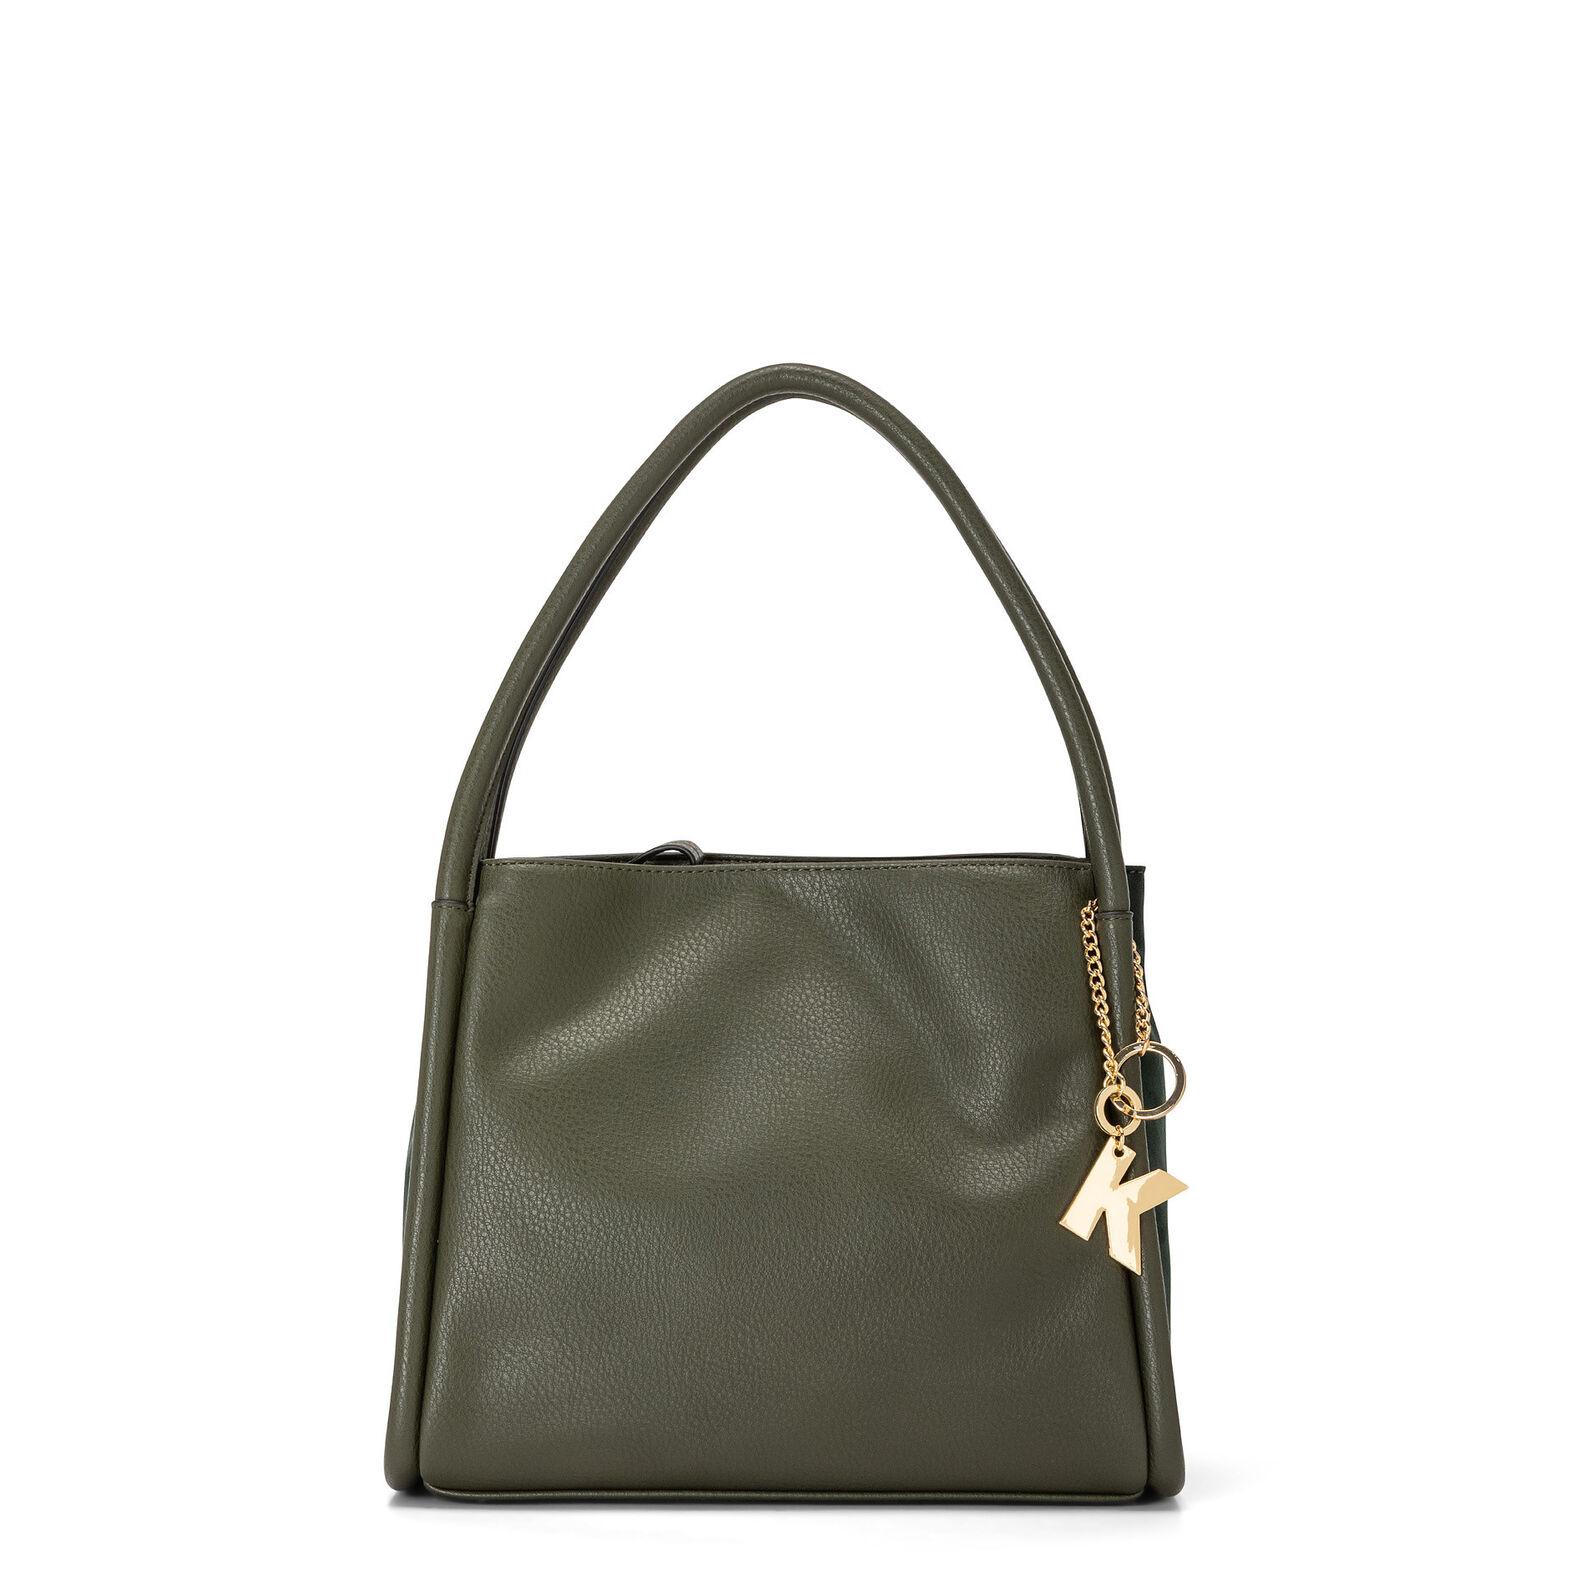 Koan shoulder bag with inserts